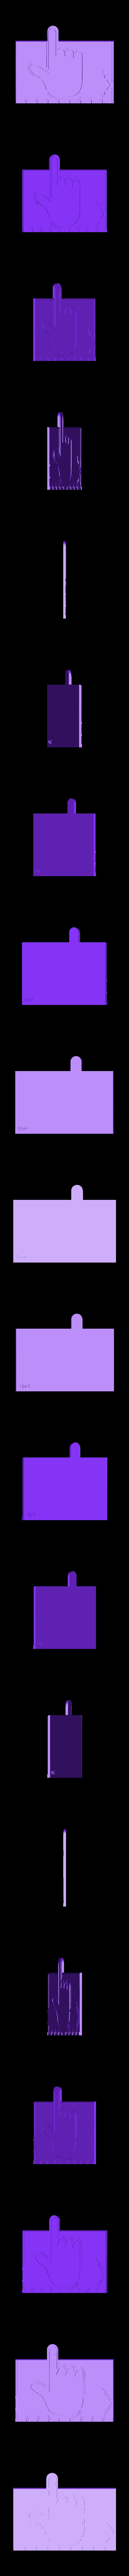 Regla_Espaciadora v0.stl Télécharger fichier STL gratuit Règle d'espacement pour faciliter la lecture et l'écriture • Design pour imprimante 3D, Qv2Printing